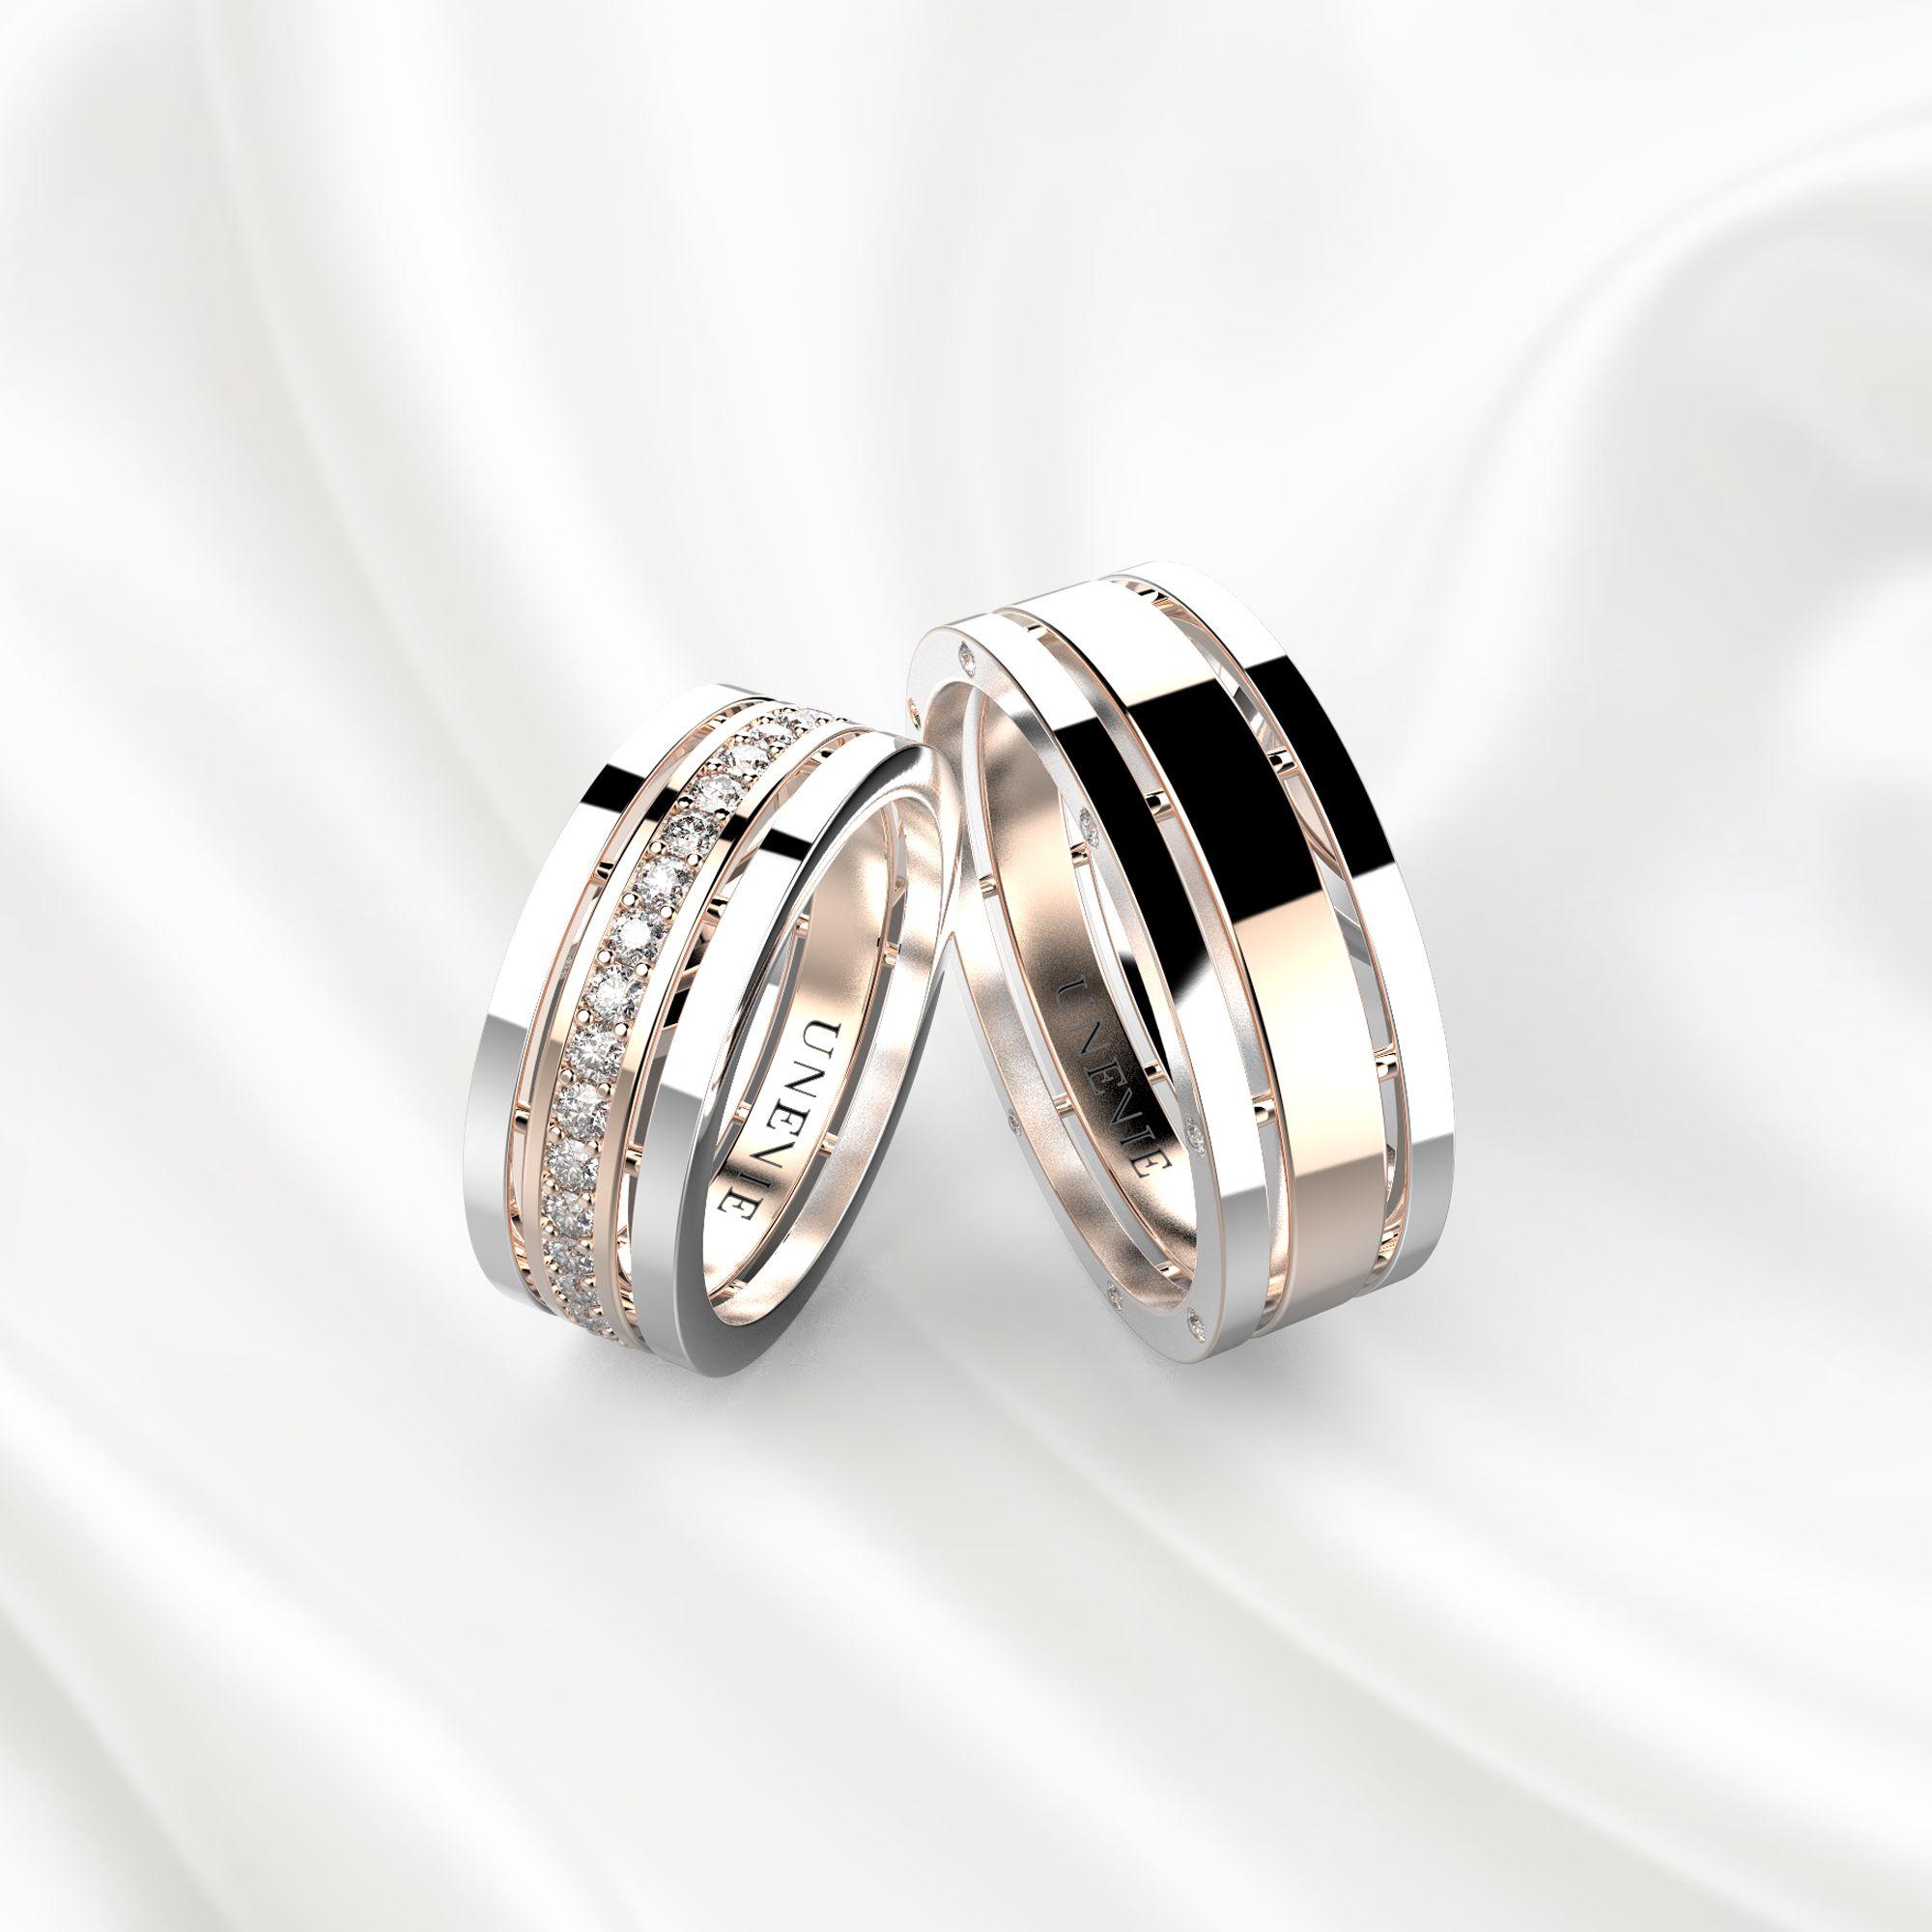 NV3 Обручальные кольца из бело-розового золота